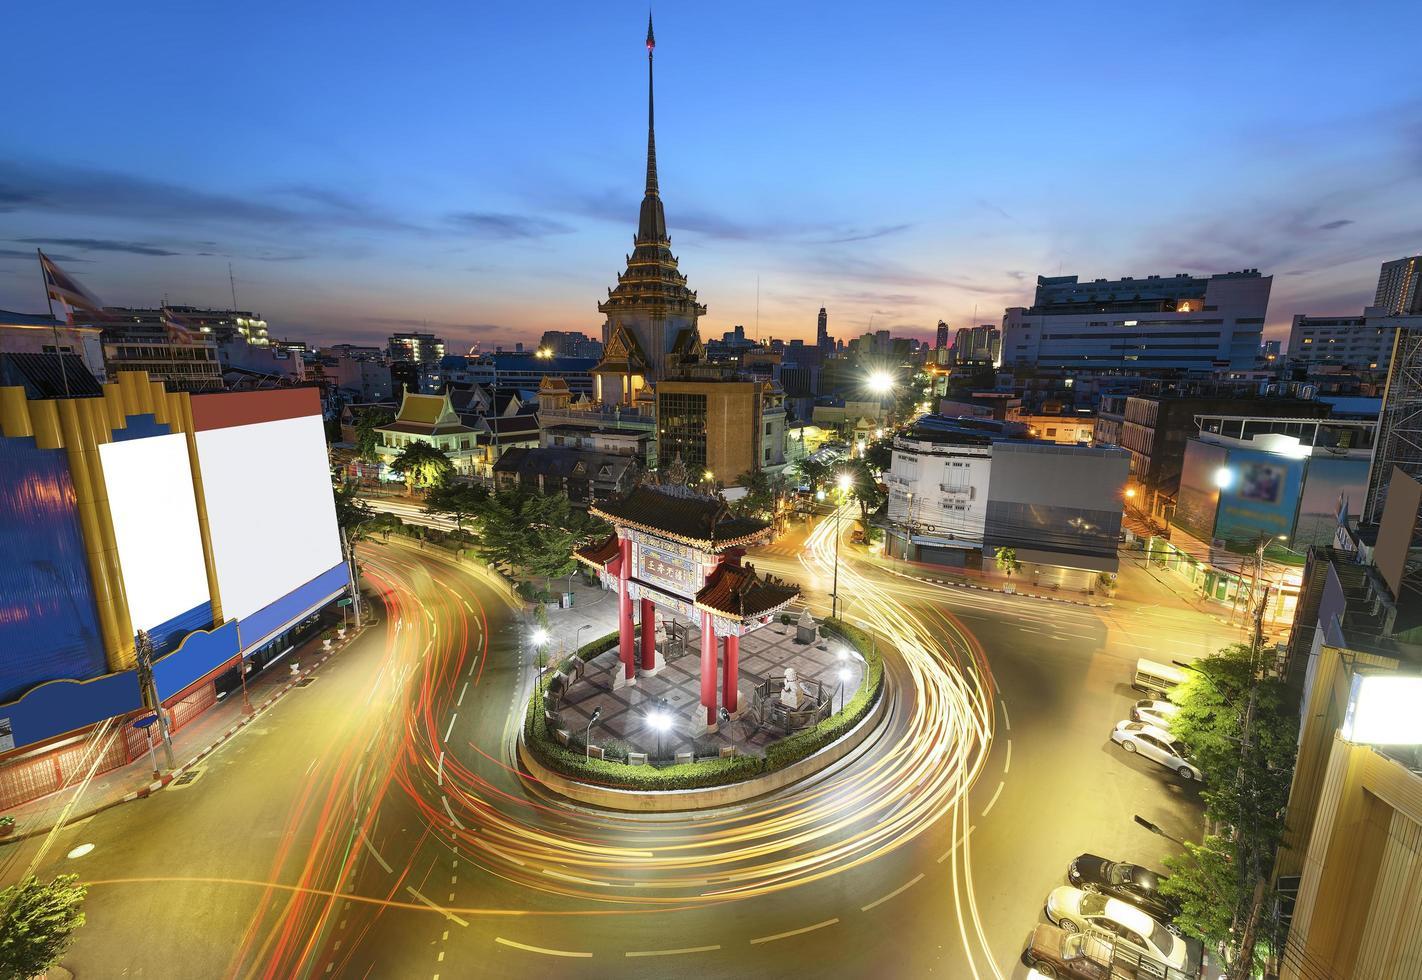 l'arco e il tempio dell'ingresso a Bangkok, Tailandia foto